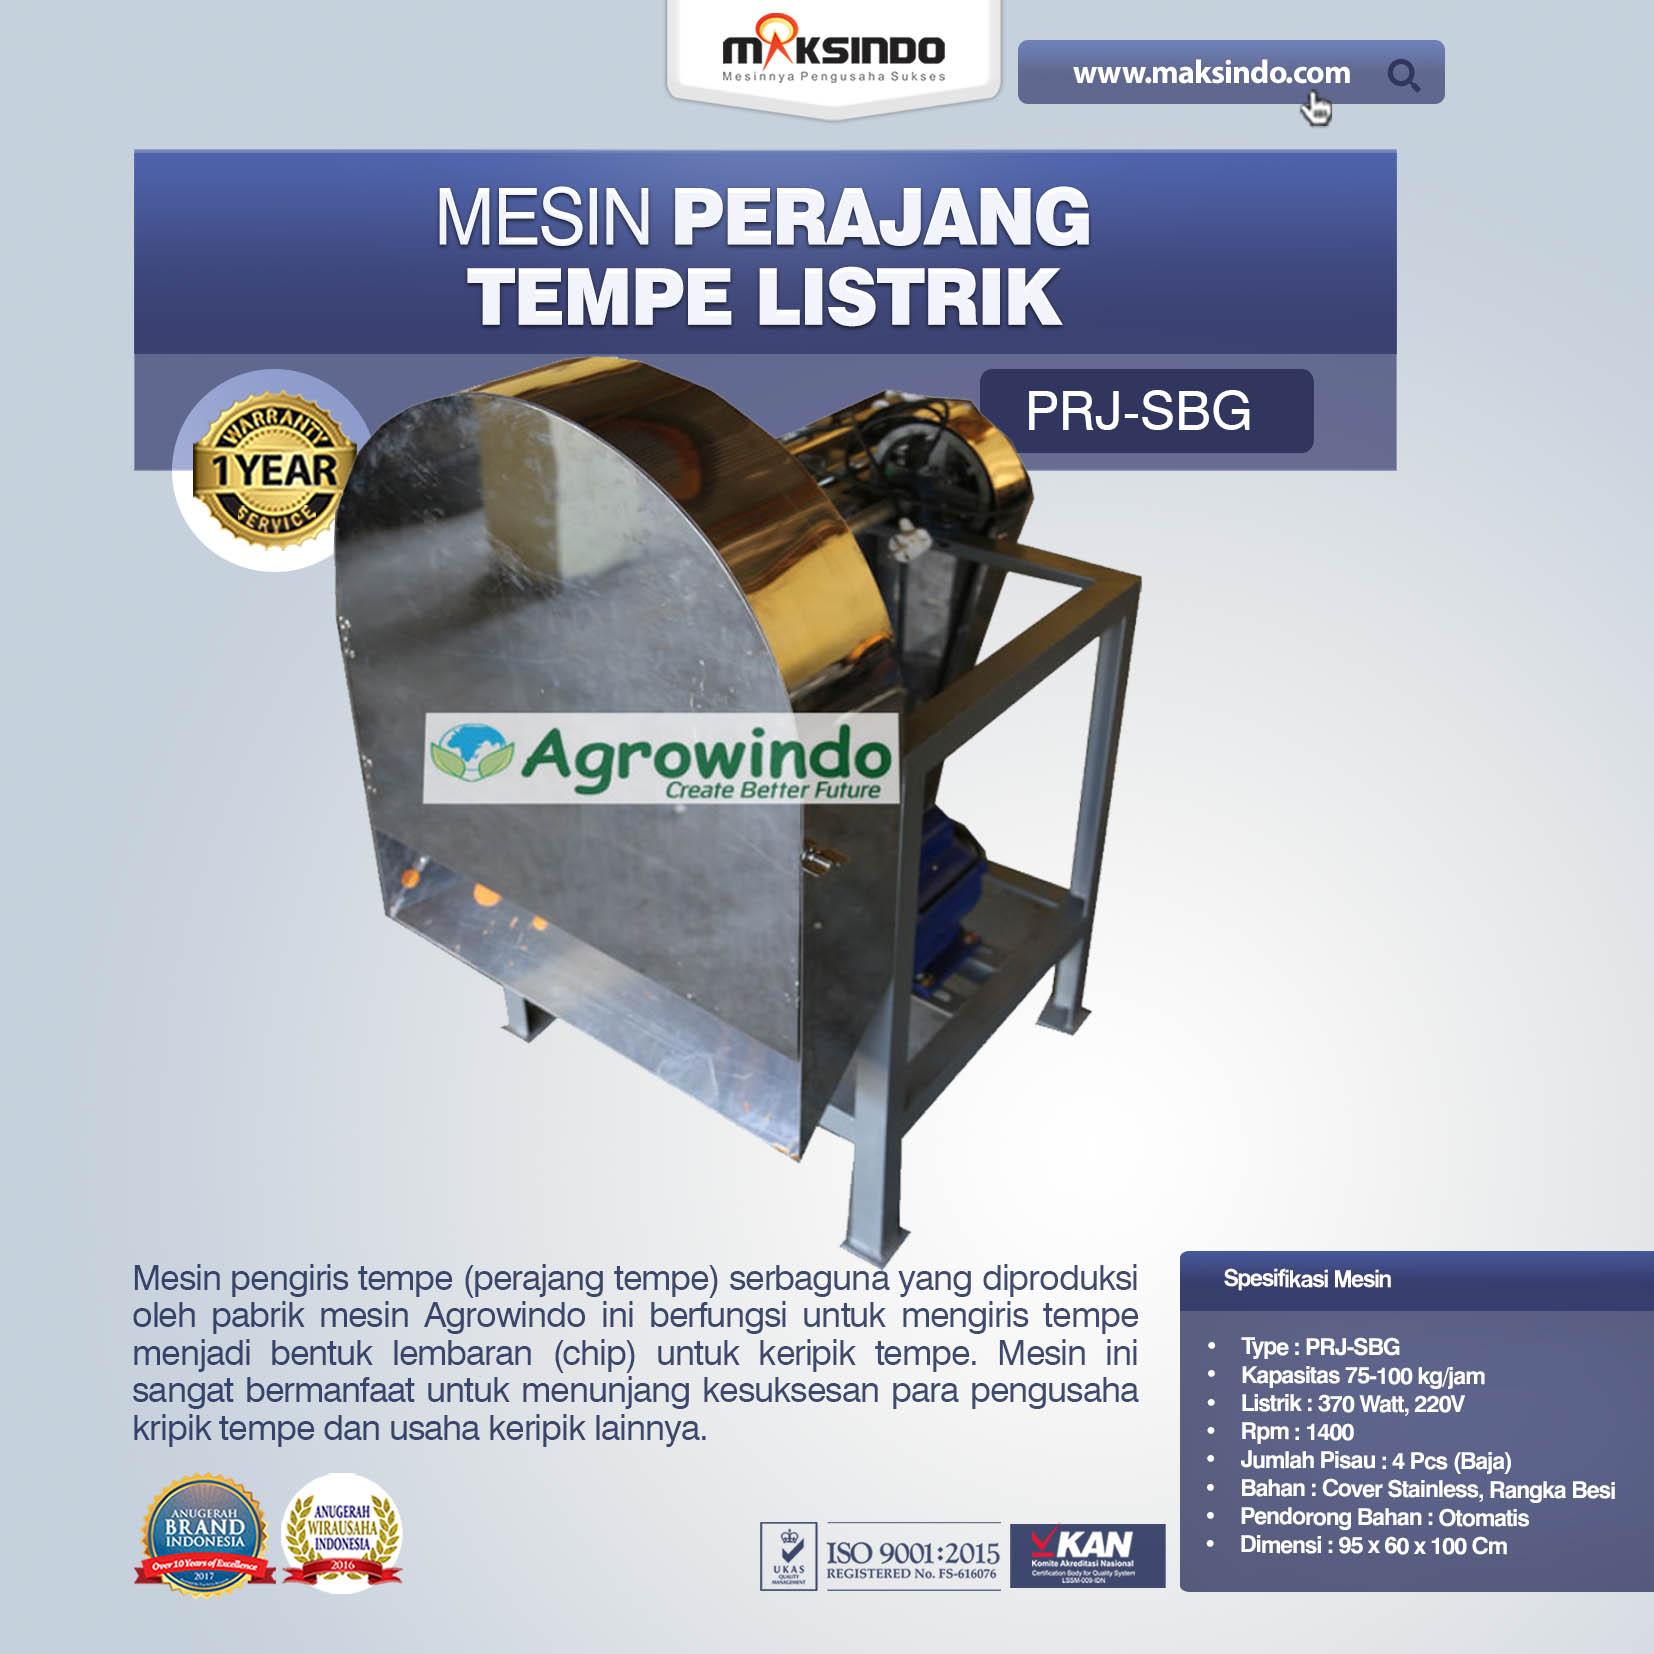 Jual Mesin Perajang Tempe Listrik PRJ-SBG di Tangerang